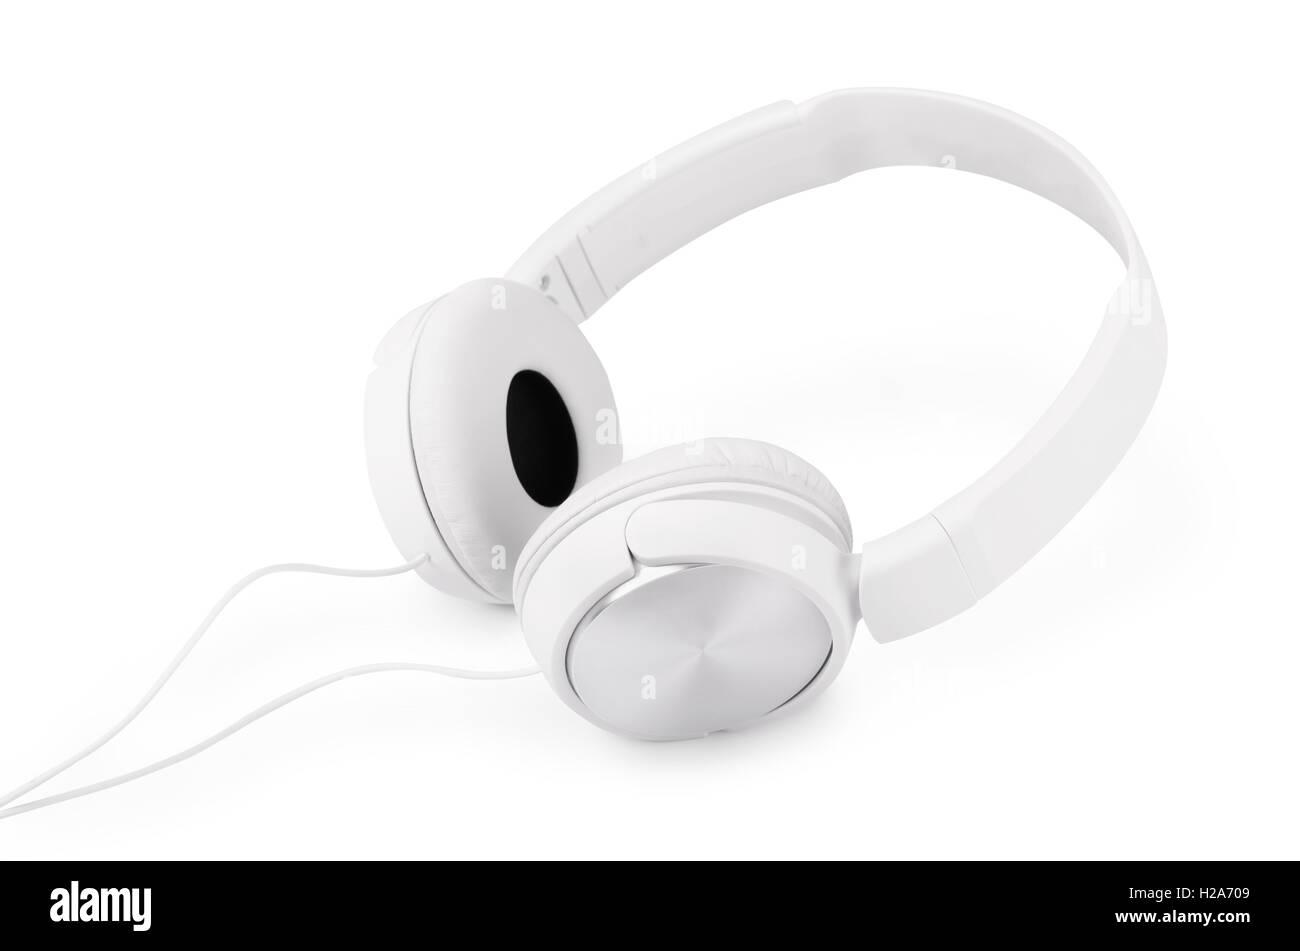 White headphones isolated on white background - Stock Image